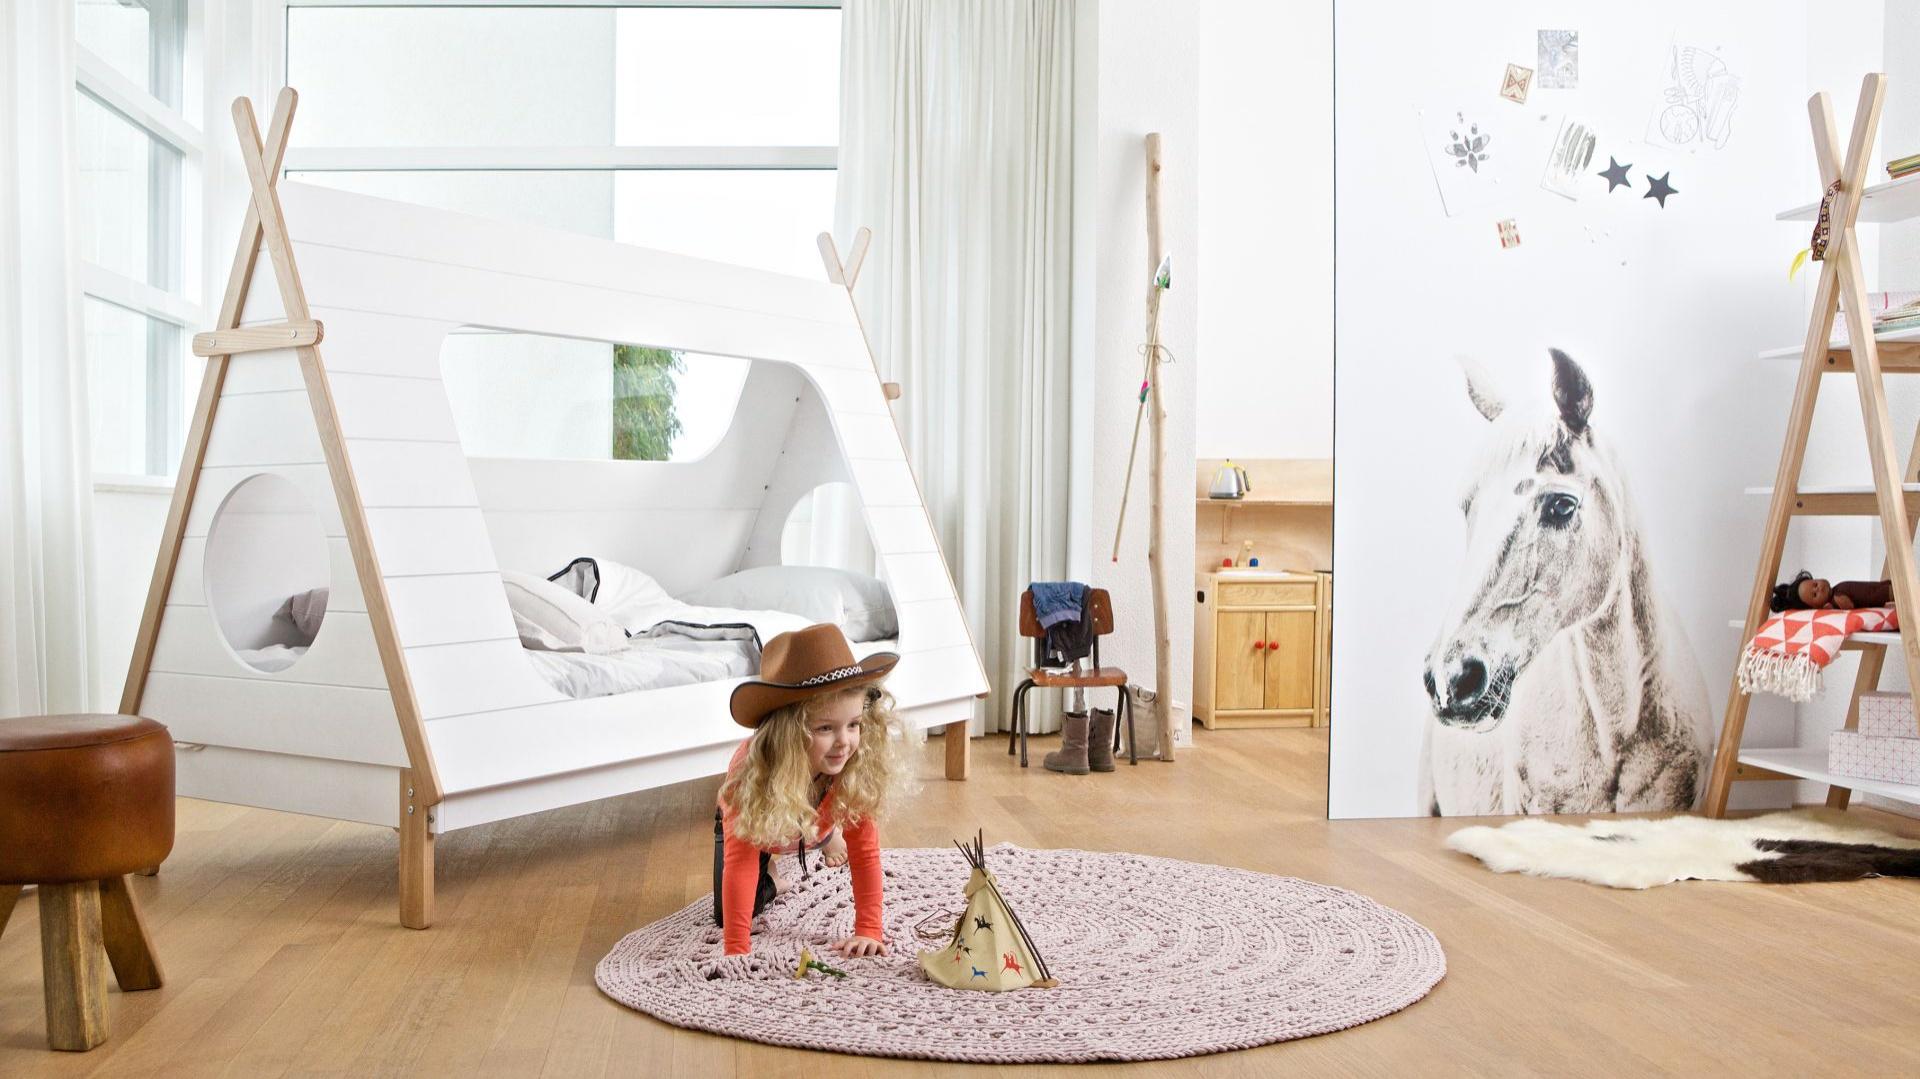 Łóżko to mebel obowiązkowy w pokoju dziecka. Jeśli jednak jest to łóżko kształtem przypominające namiot, z pewnością będzie ono również przestrzenią do niezapomnianych zabaw. Fot. Seart.